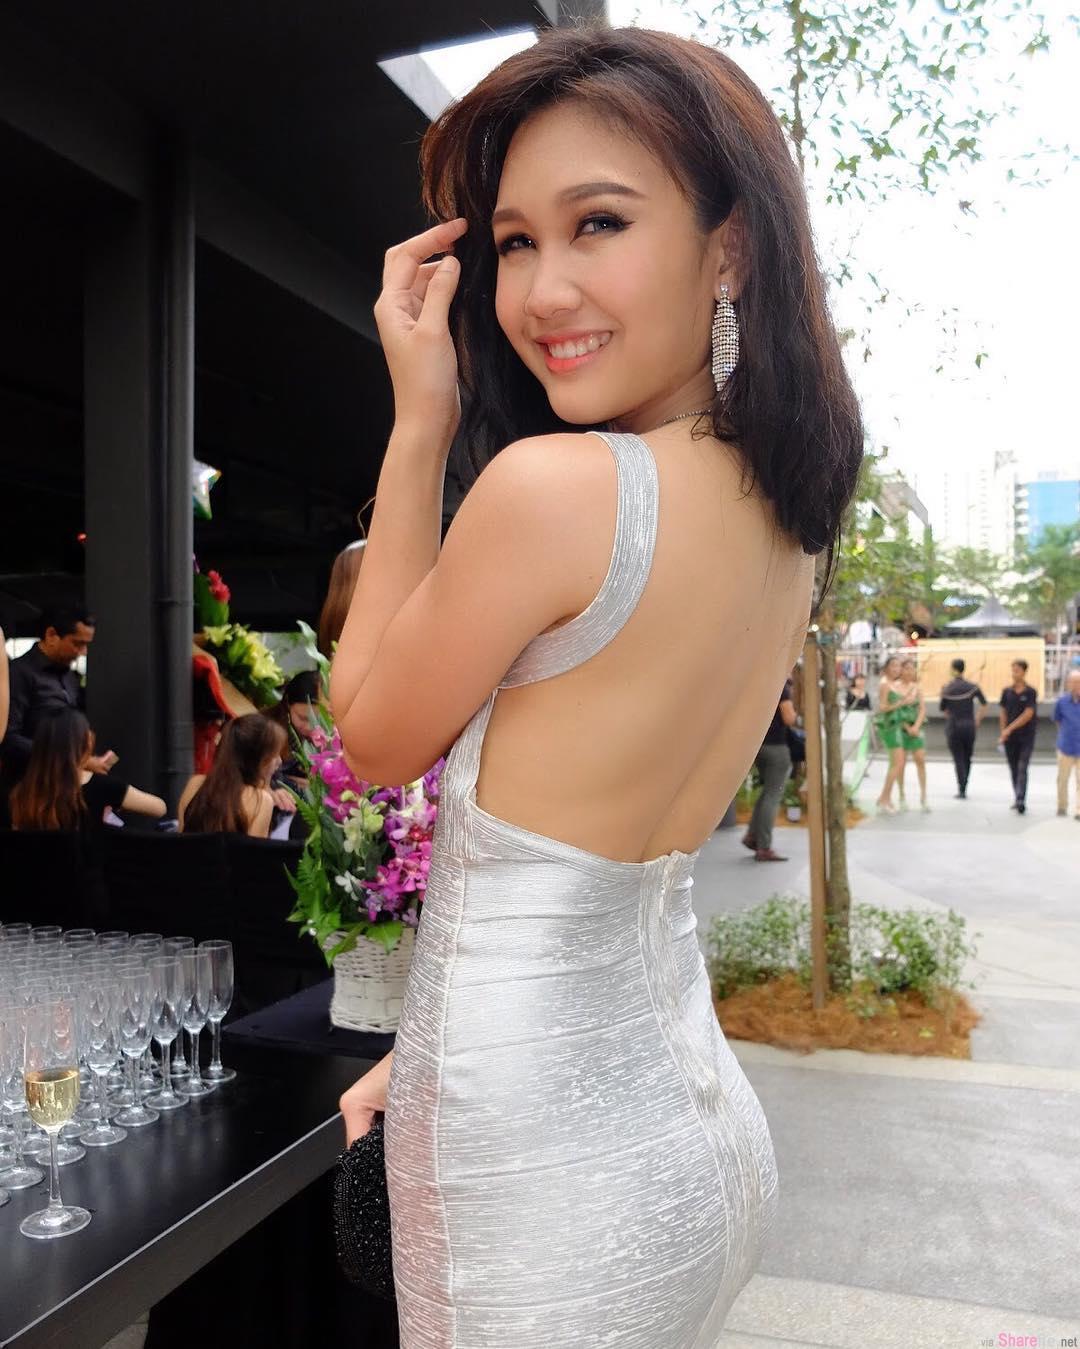 大马选美皇后Janice Tan,性感上空裸背身材惊艳众人